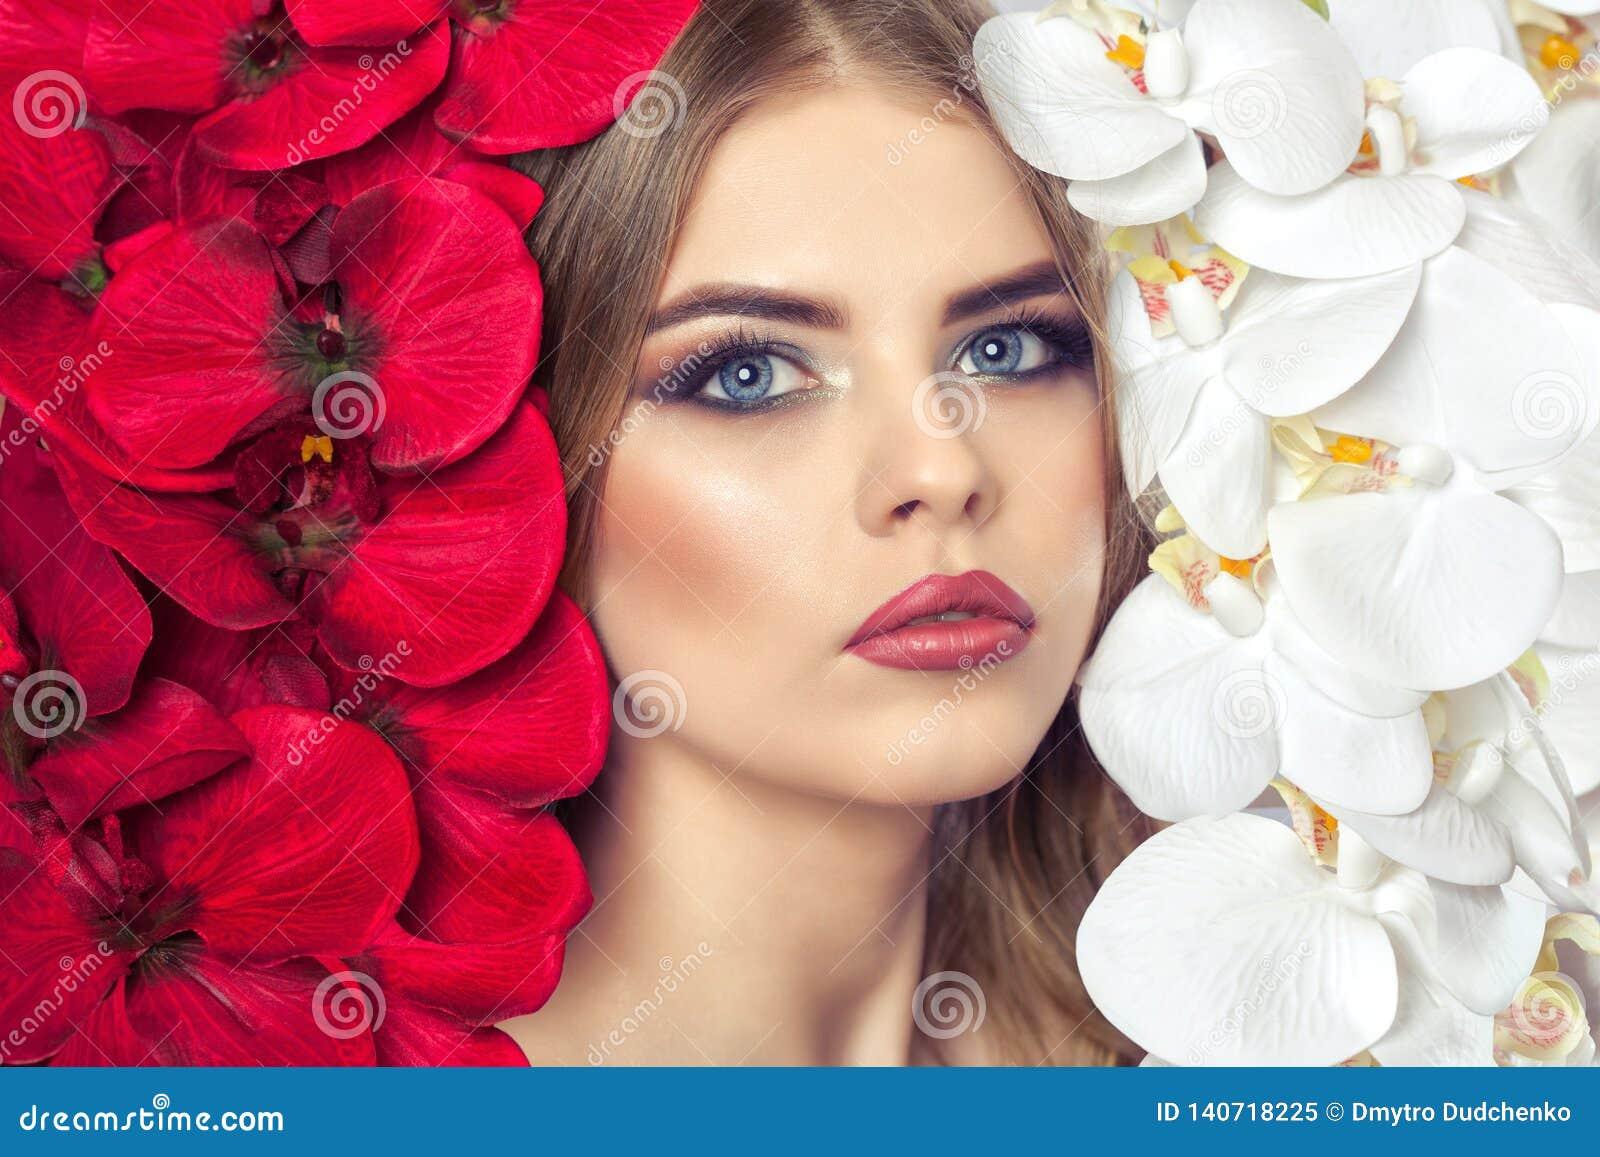 Το πορτρέτο μιας γυναίκας με την όμορφη σύνθεση κρατά μια άσπρη και κόκκινη ορχιδέα στα χέρια του